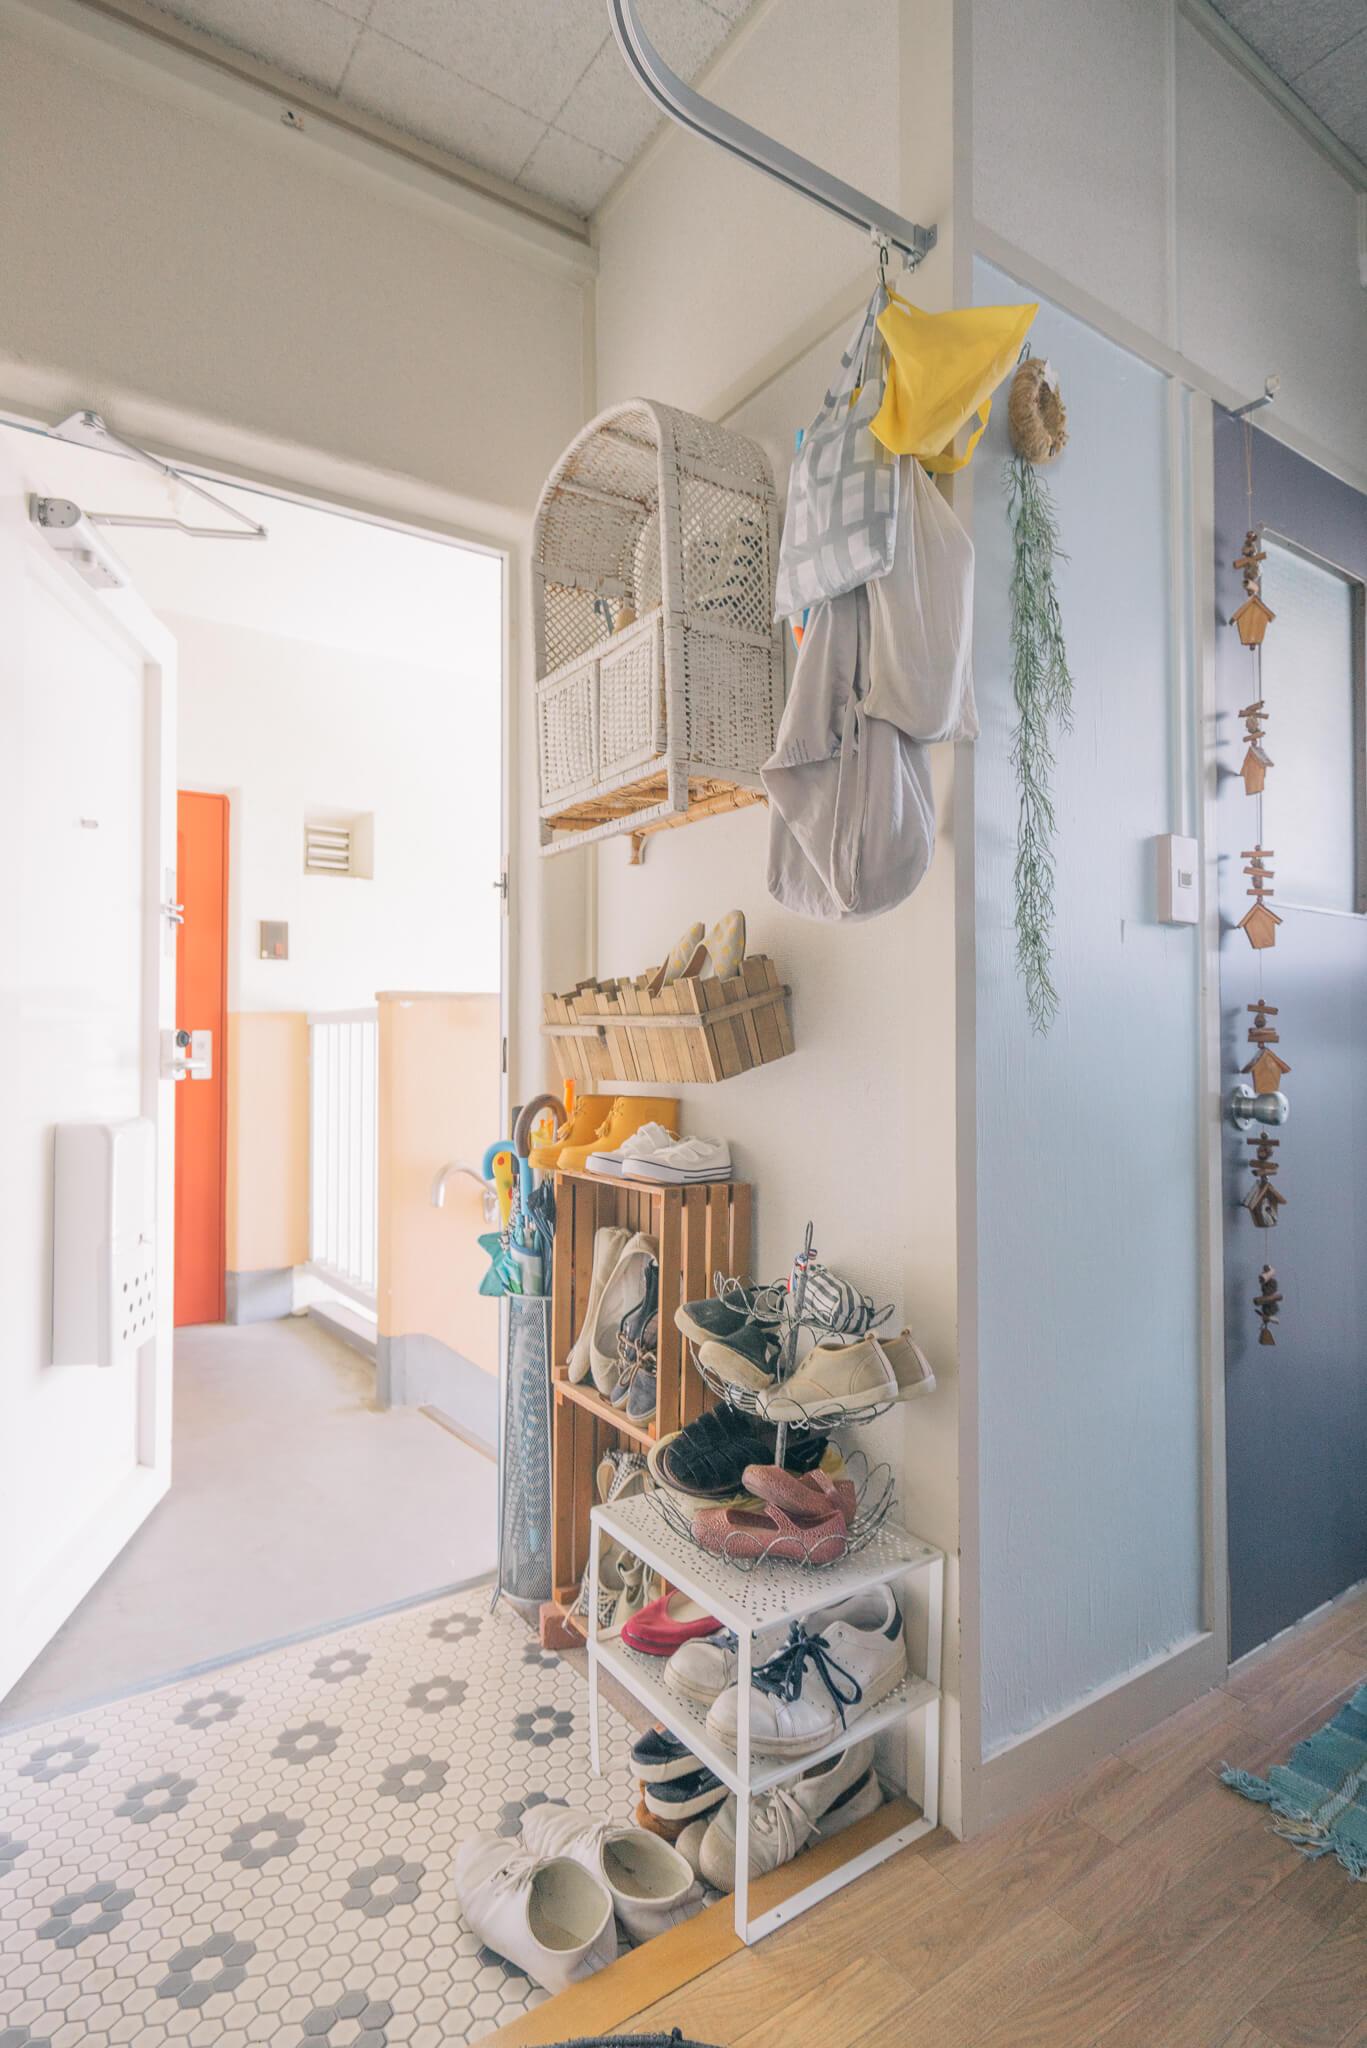 玄関の靴を収納する棚も、よく見ると、いろんなタイプのものが様々、使われています。わざわざぴったりサイズのものを買わなくても、こんなふうに楽しく収納できるんだ!と、目からウロコ。